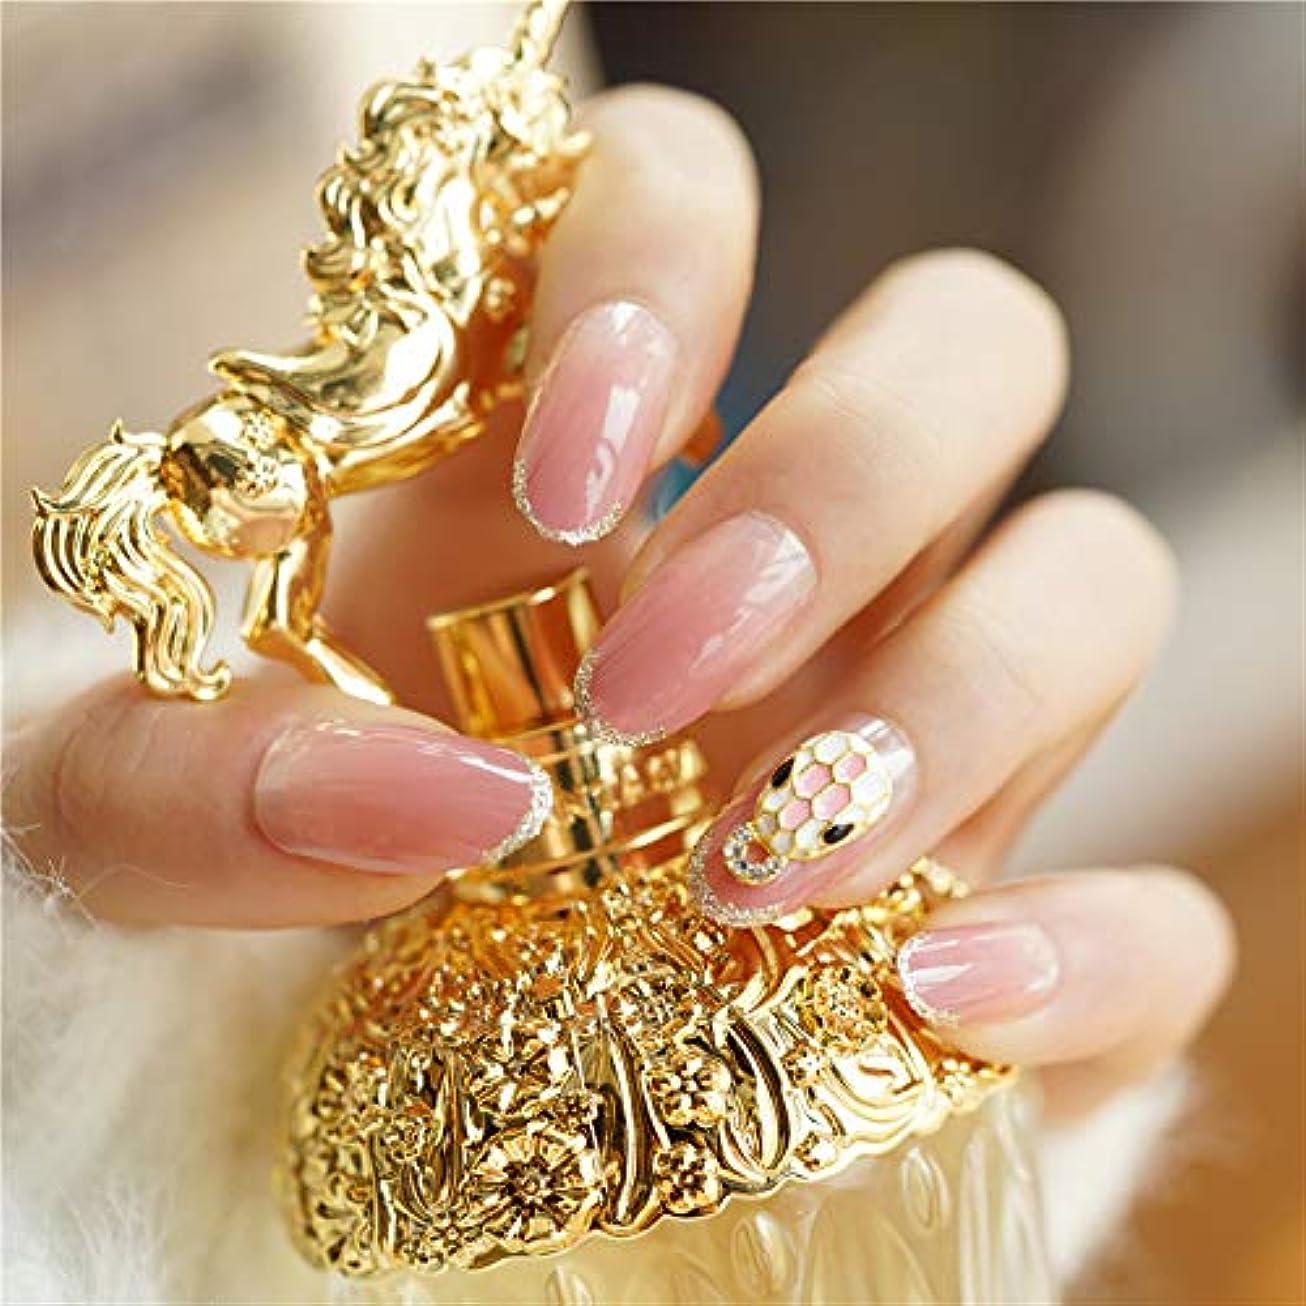 接地歩道彼の24枚セット ネイルチップ 付け爪 お嫁さんつけ爪 ネイルシール 3D可愛い飾り 爪先金回し 水しいピンク色変化デザインネイルチップ (ピンク)